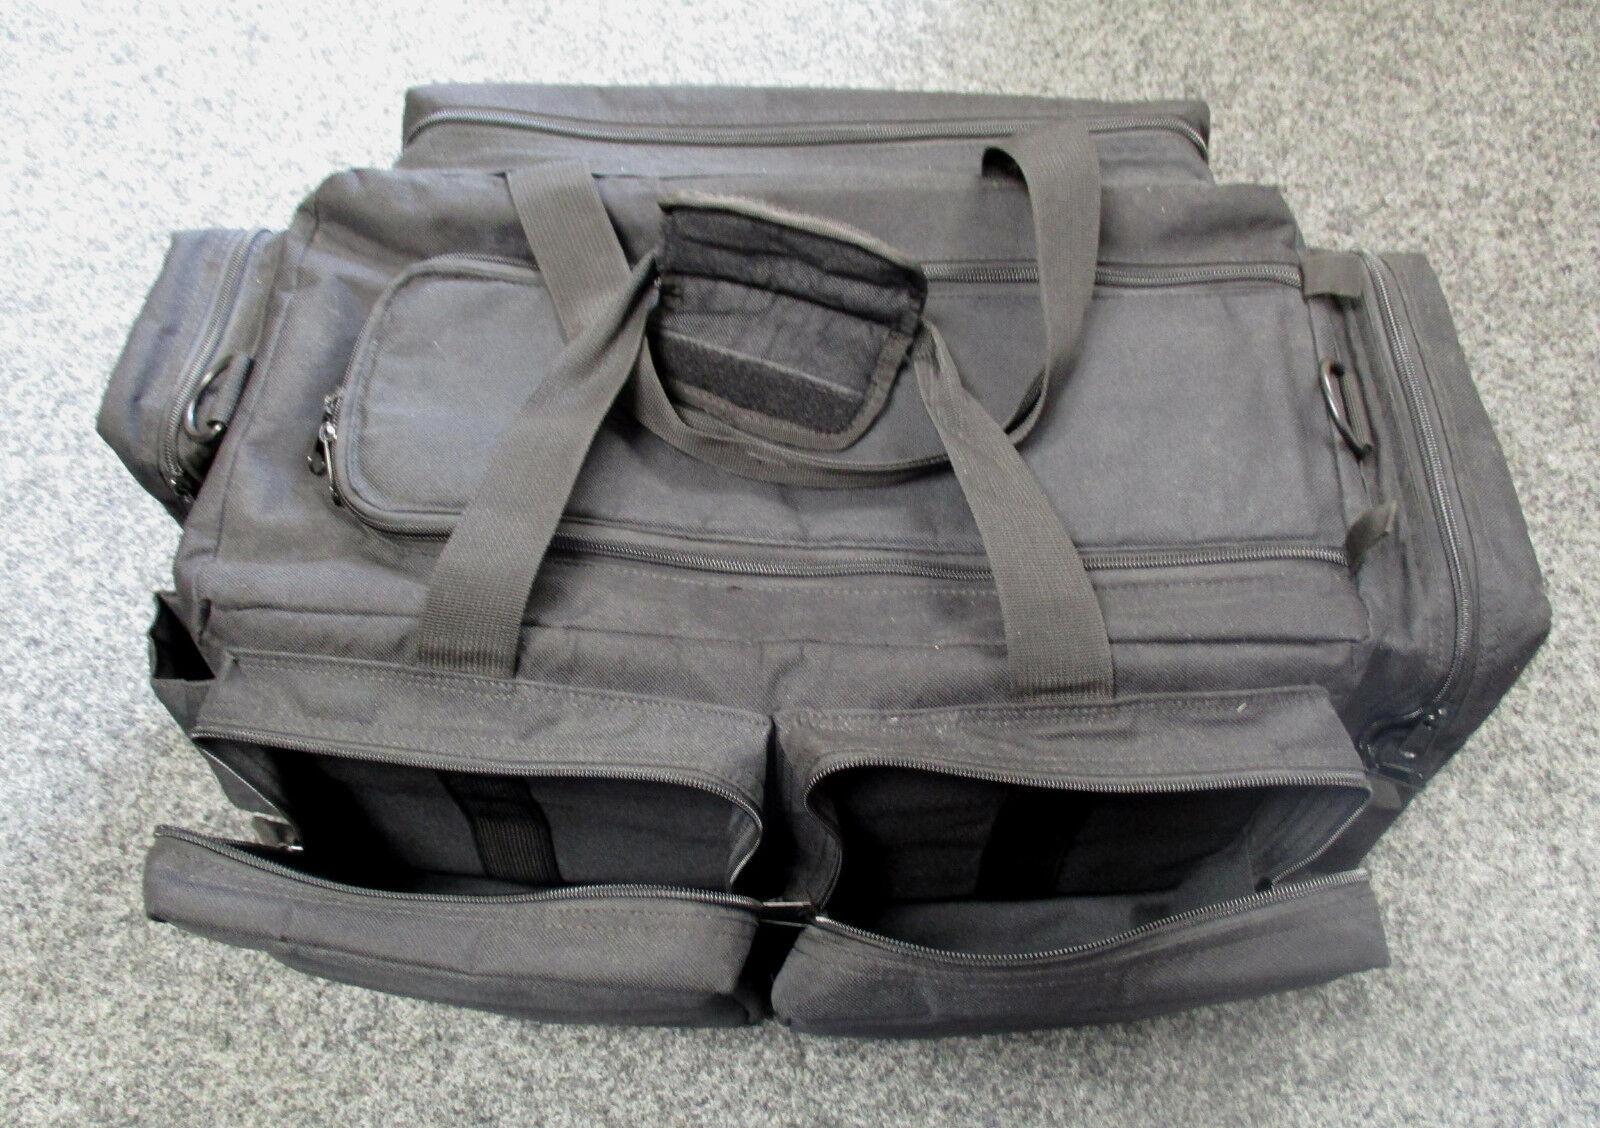 Einsatztasche * Mehrzwecktasche * POLIZEI * Sicherheitsdienst * FD103 Range Bag